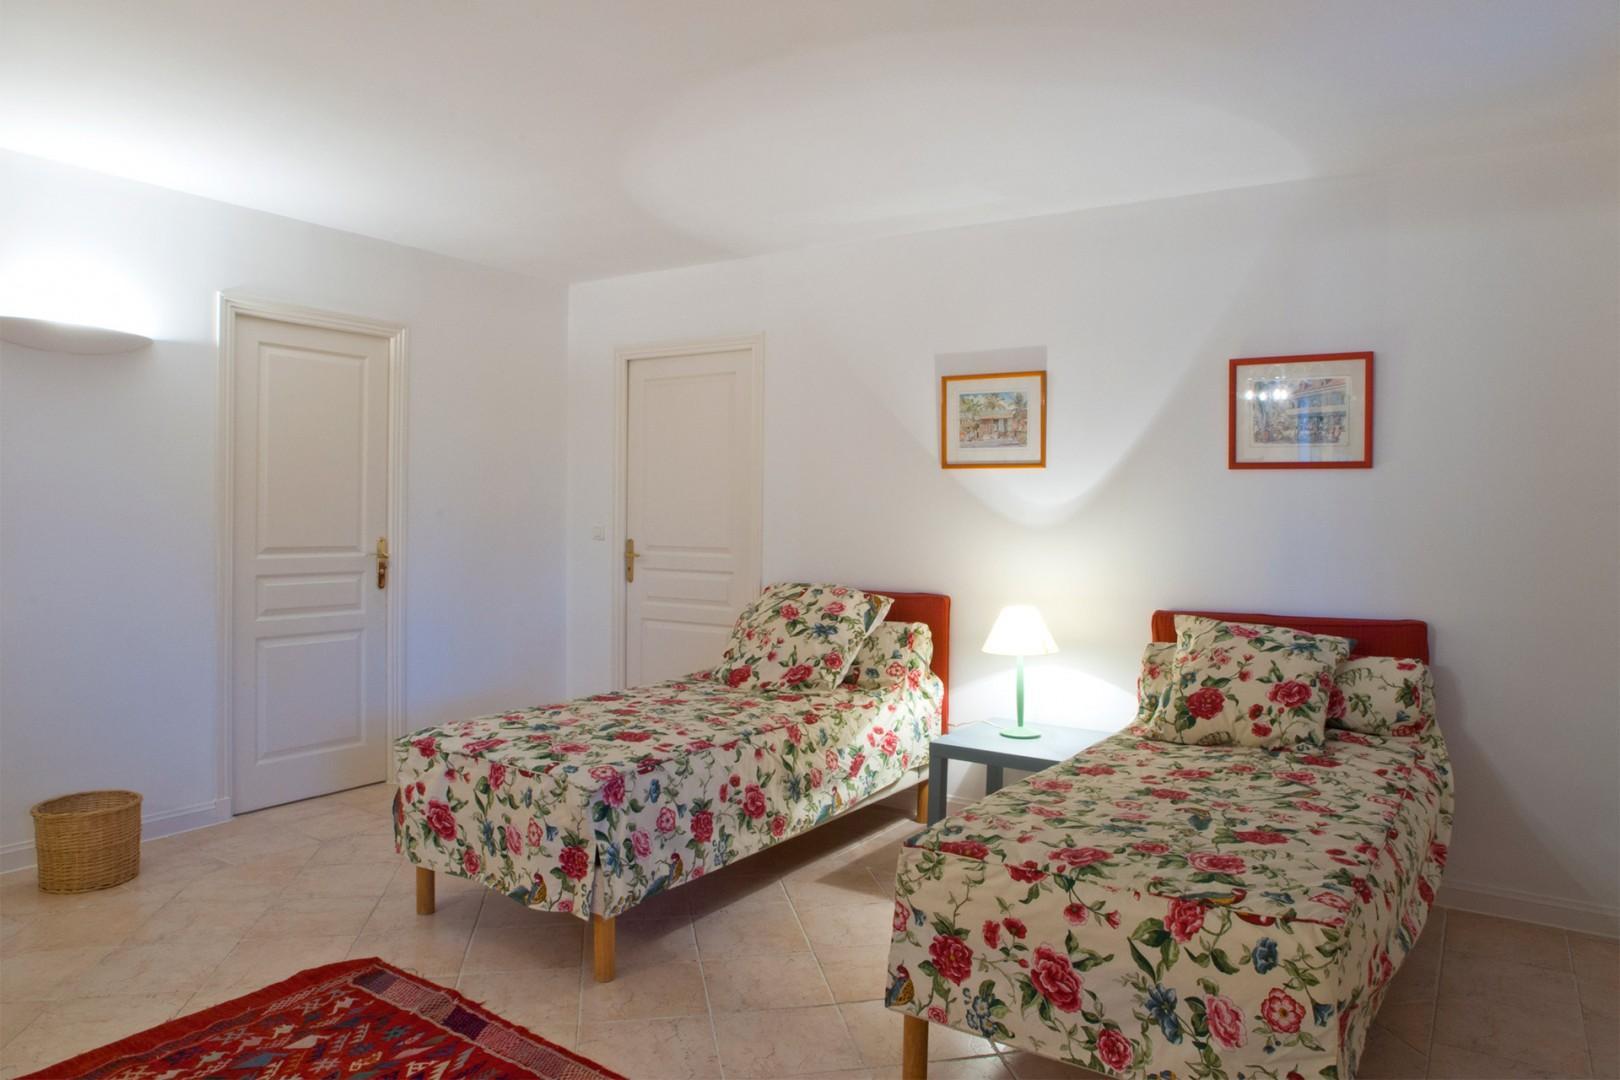 Bedroom 6 with en suite bathroom